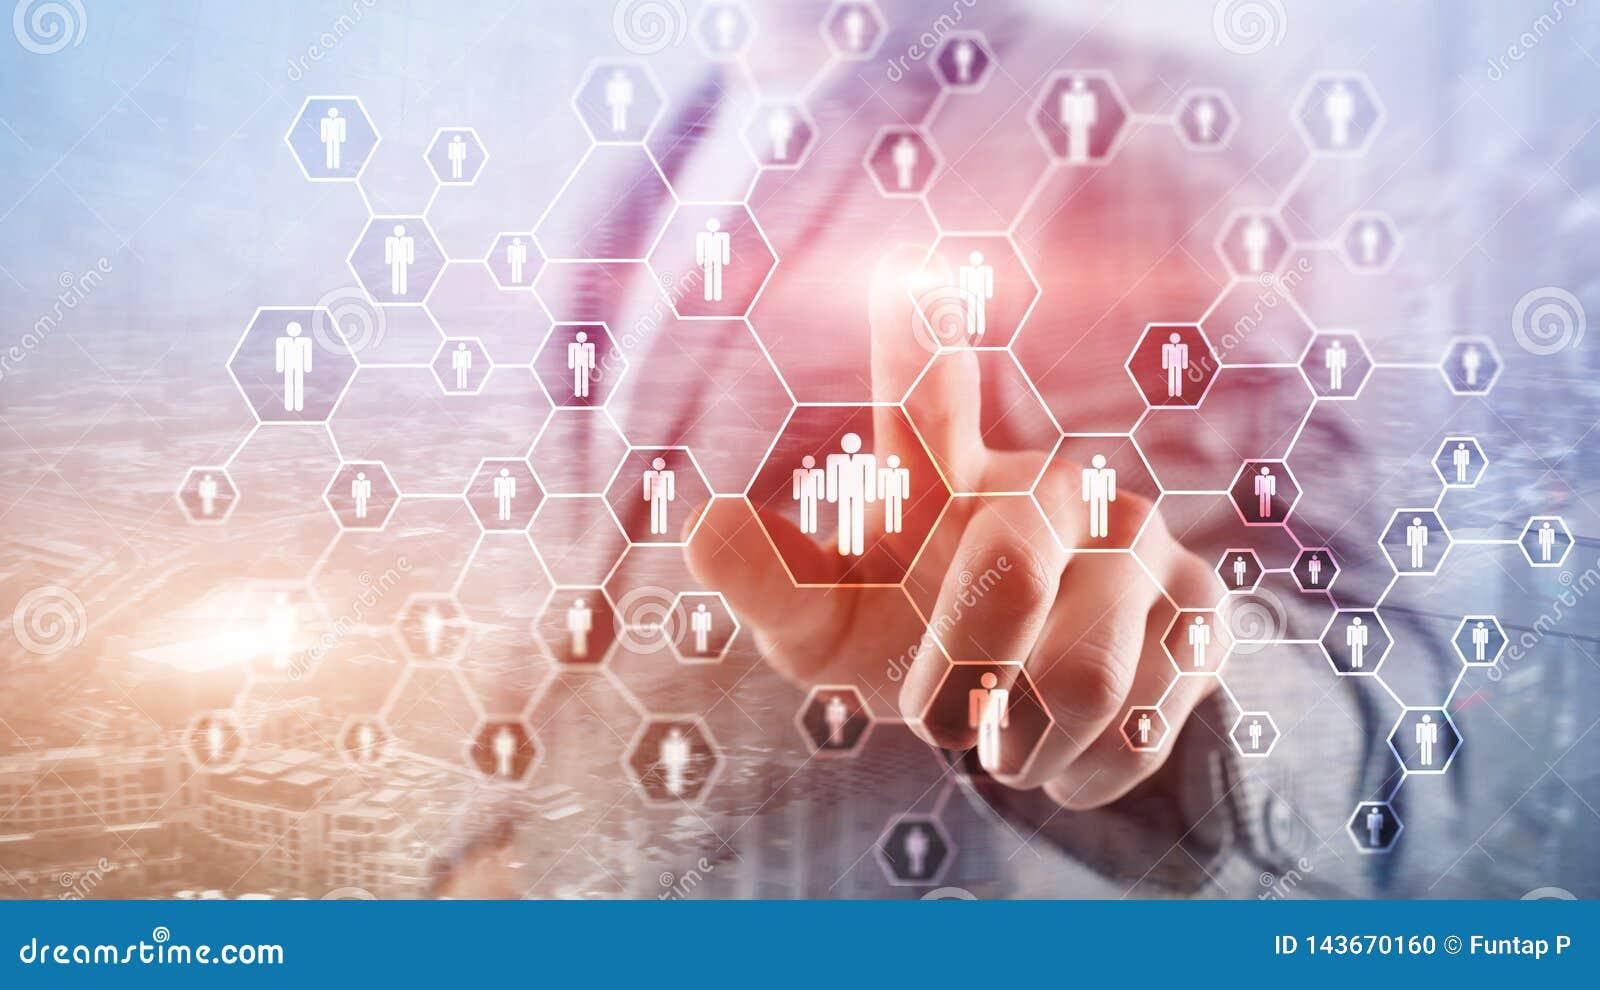 Ωρ., ανθρώπινα δυναμικά, στρατολόγηση, δομή οργάνωσης και κοινωνική έννοια δικτύων